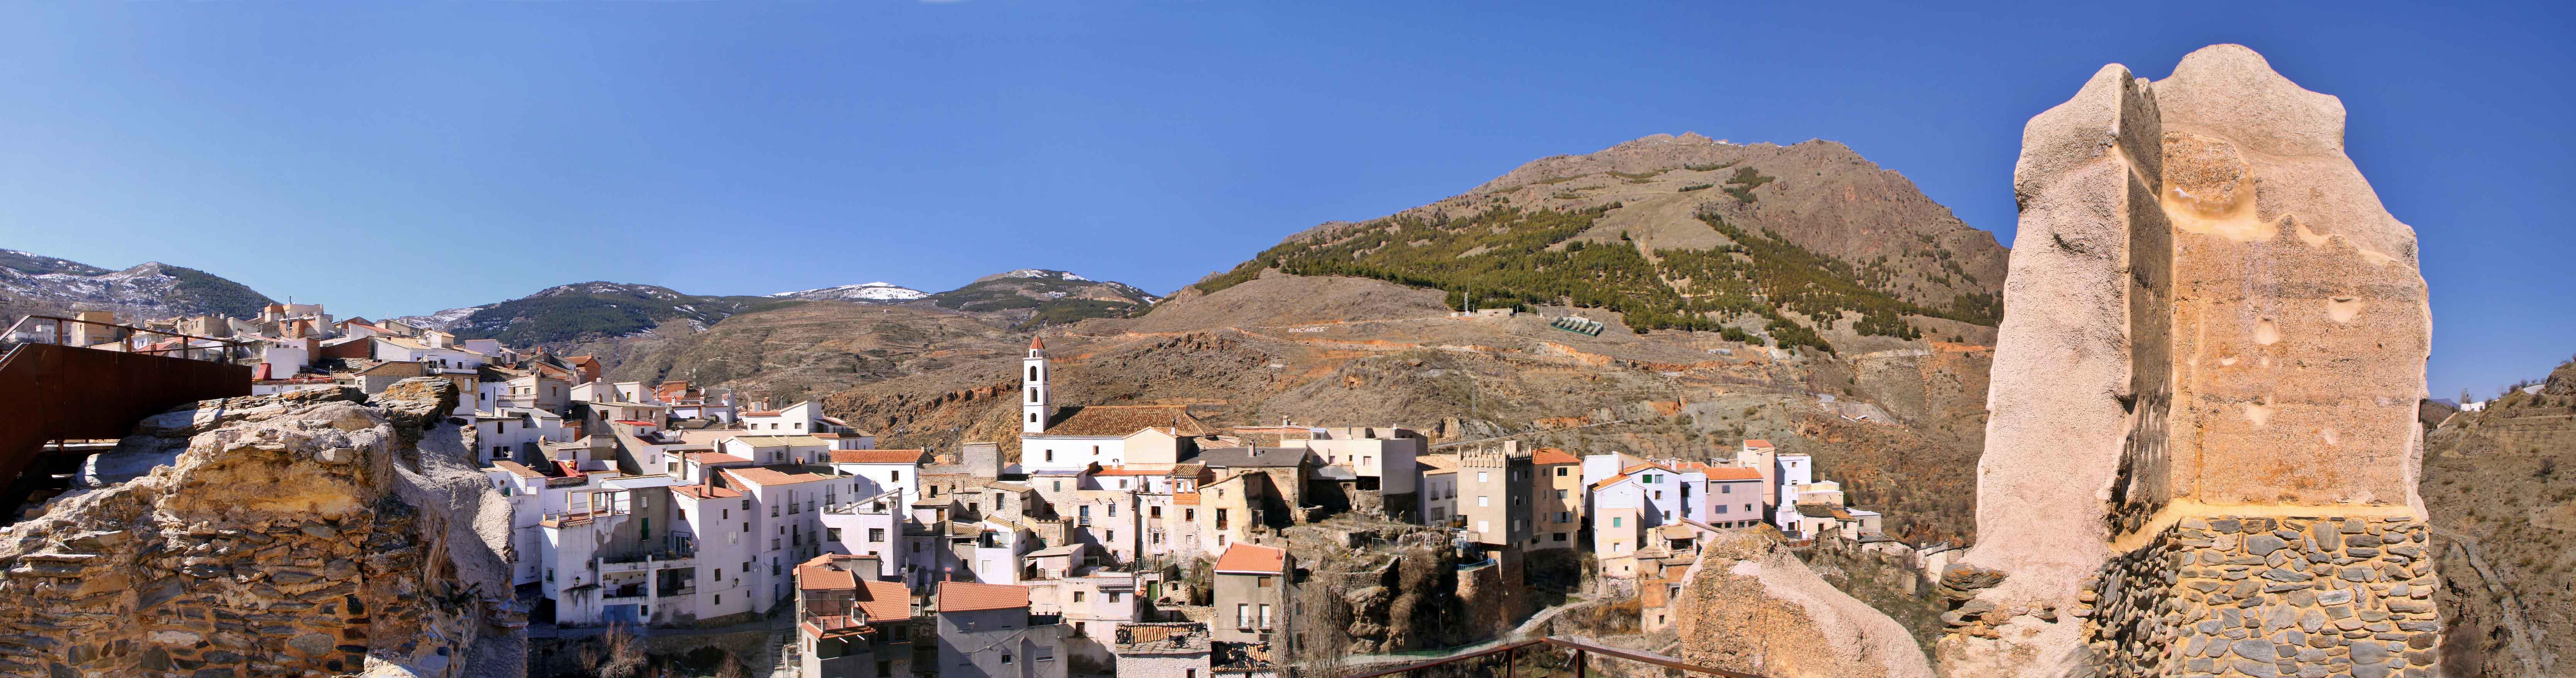 Vista general de Bacares desde el castillo. © Fotografía: Pako Manzano